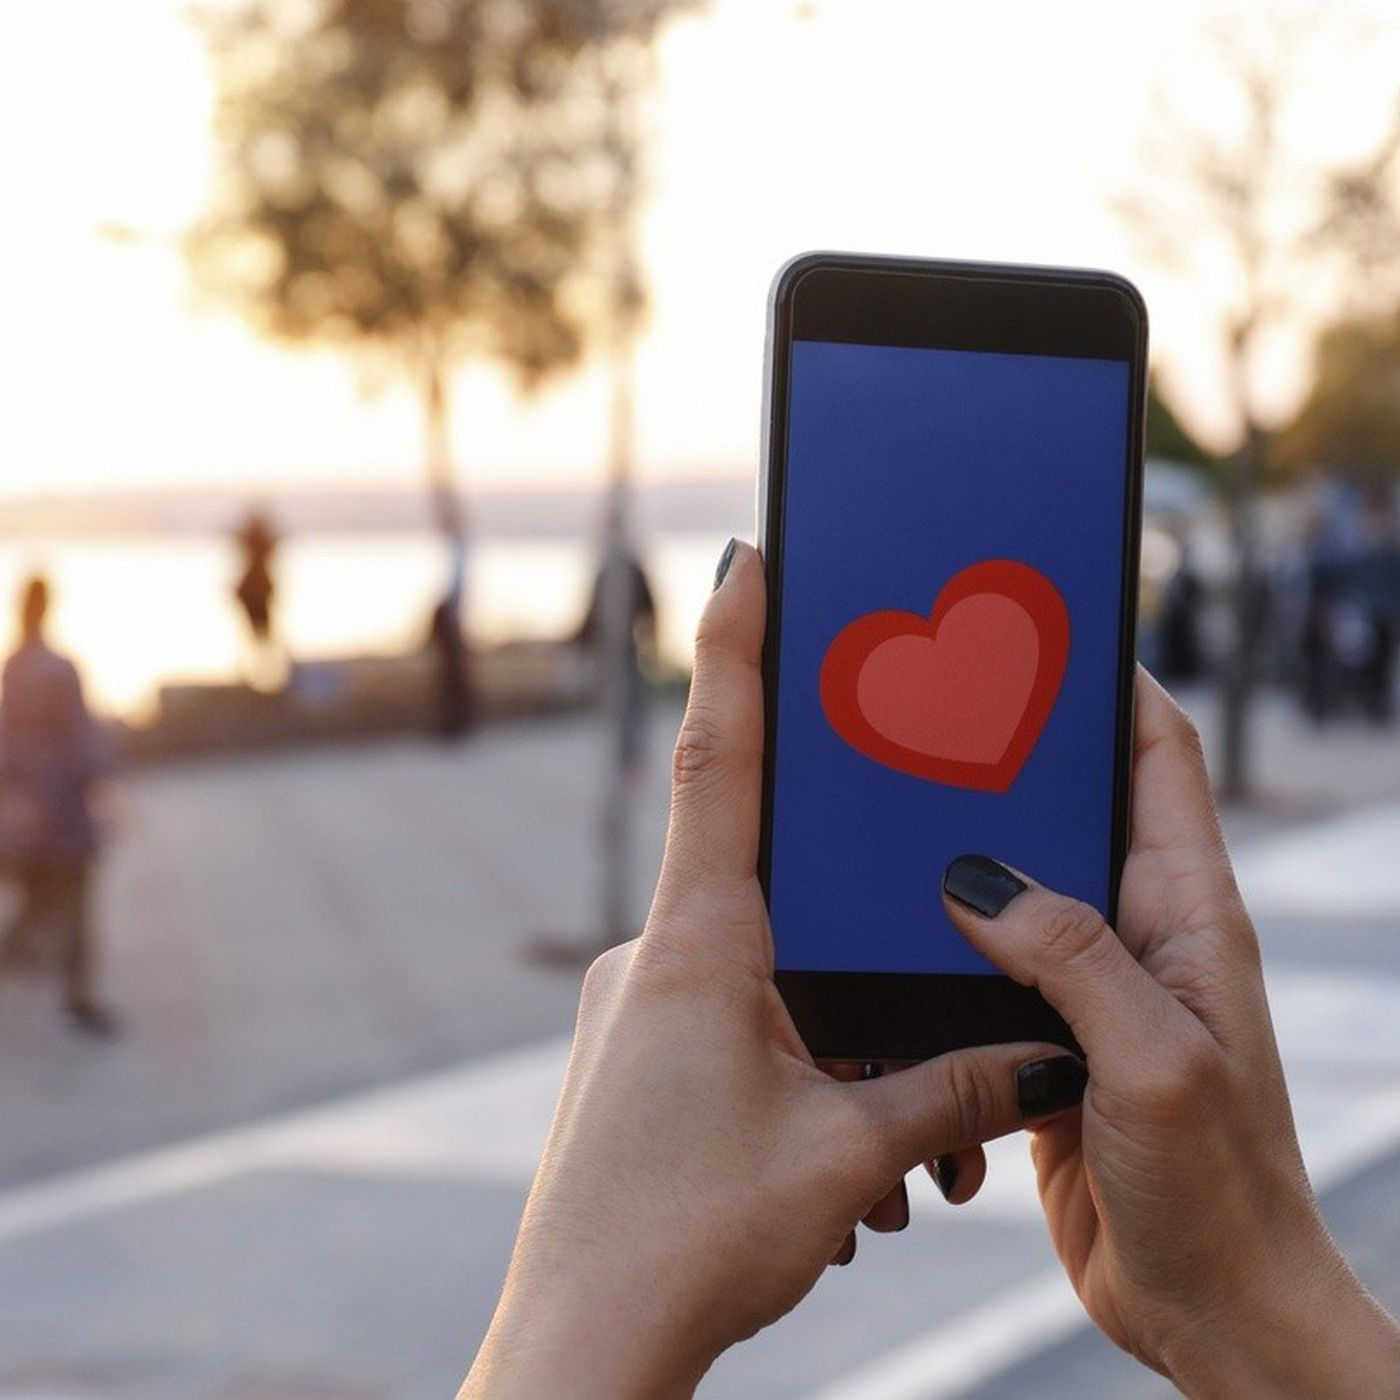 Dijital Flört Şiddetinin Basamakları: Love-Bombing, Ghosting ve Gaslighting Nedir?